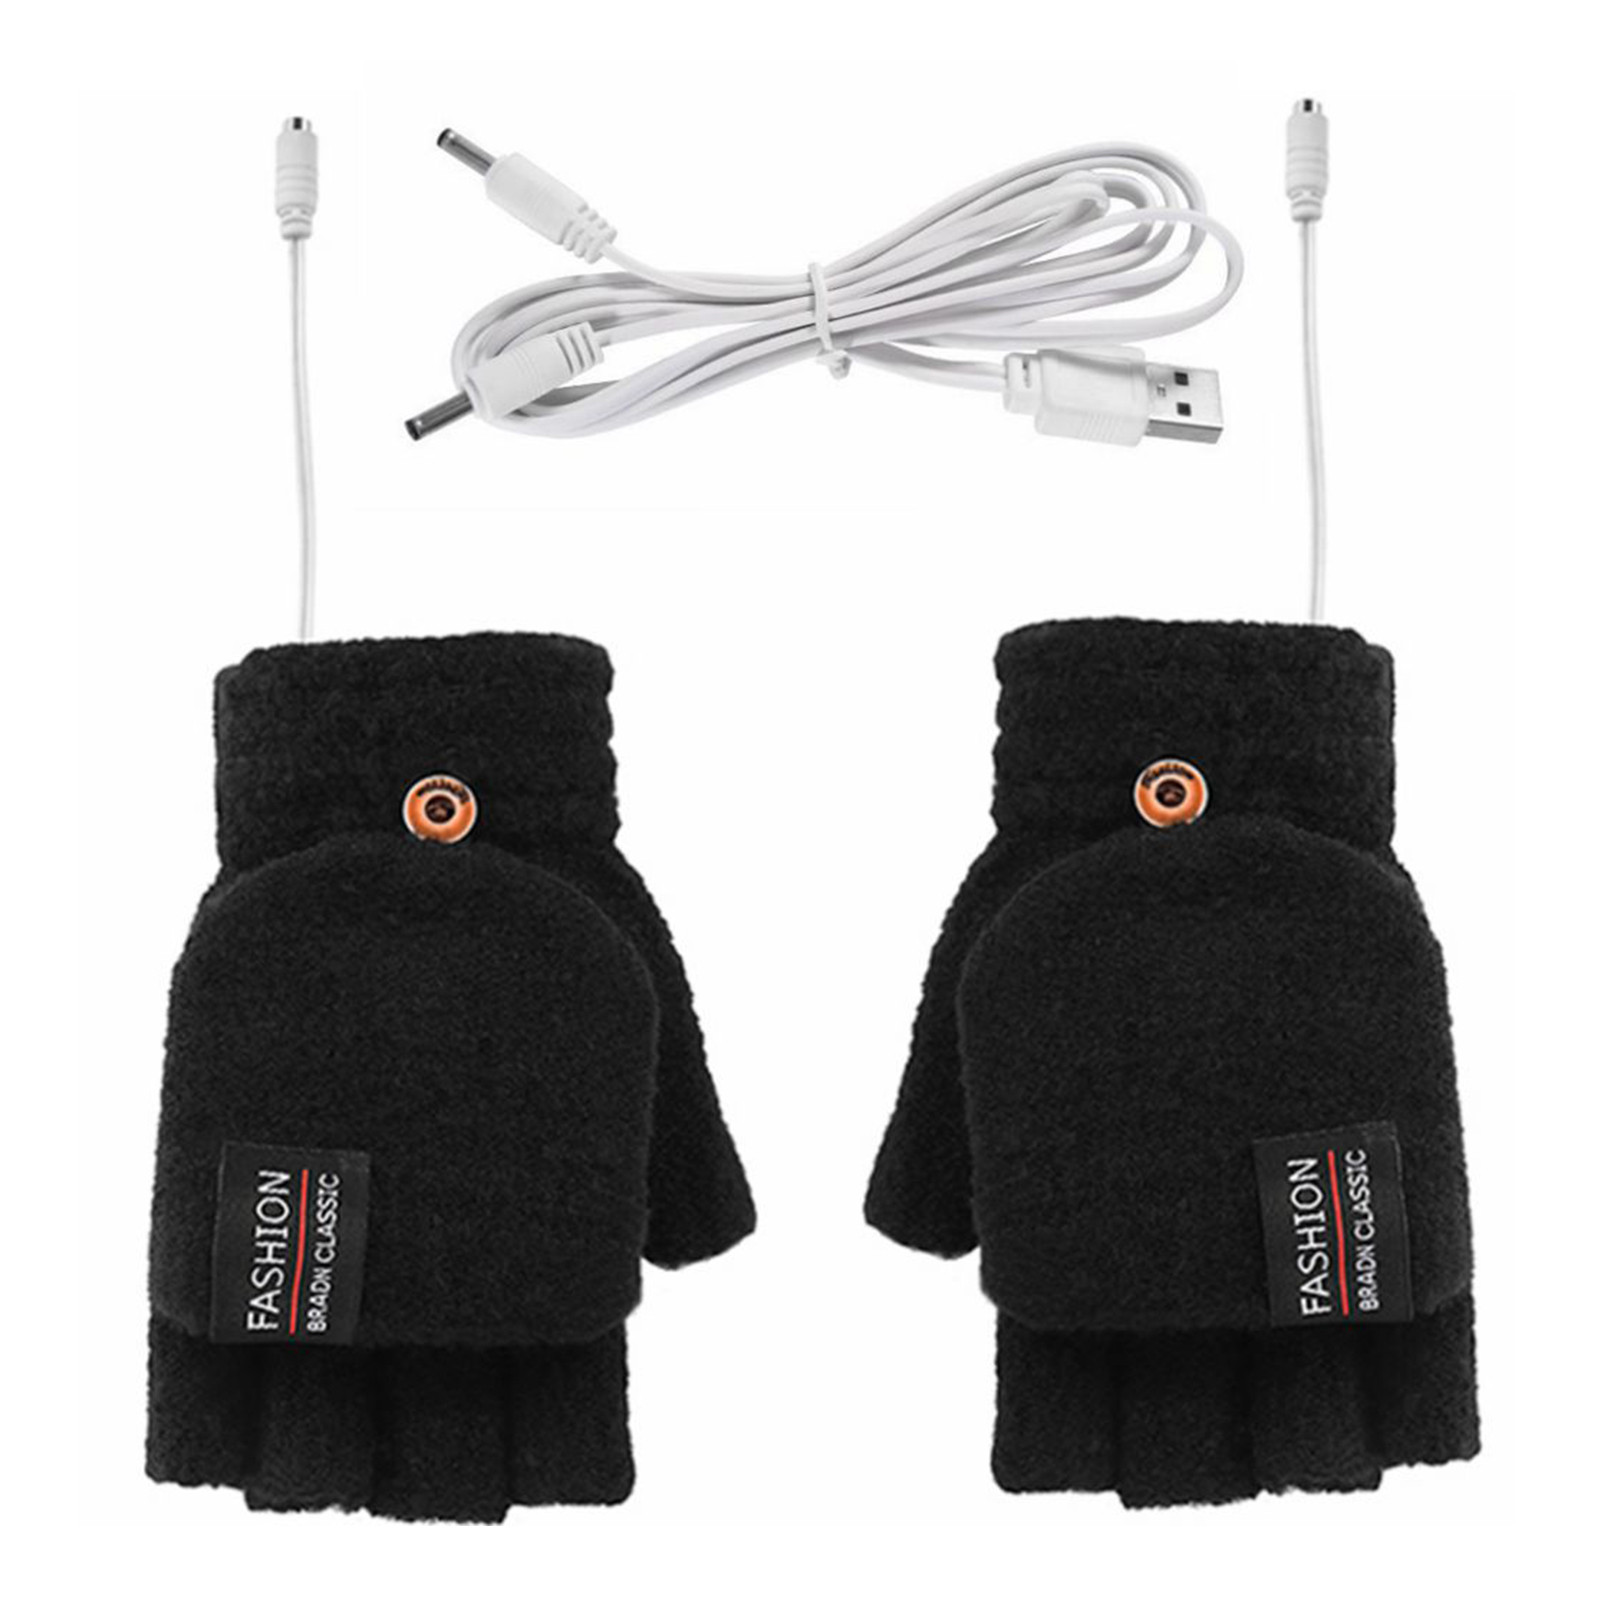 Зимние перчатки с электроподогревом, перчатки с подогревом через USB, перчатки с электроподогревом, перчатки с подогревом